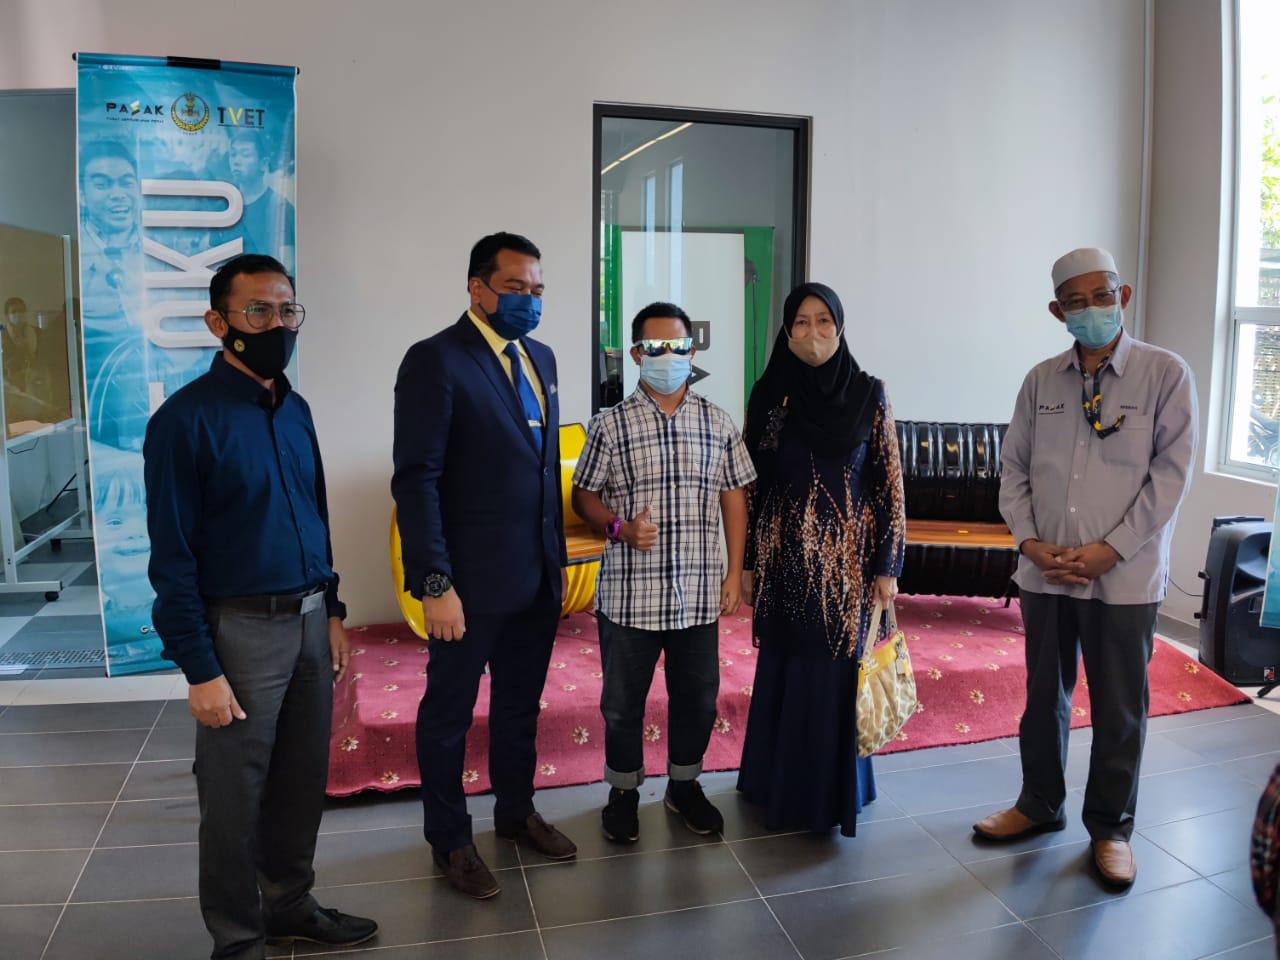 Majlis penyerahan sijil & tools kit kepada peserta di bawah Program TVET OKU oleh YB Encik Ahmad Saidi bin Mohamad Daud